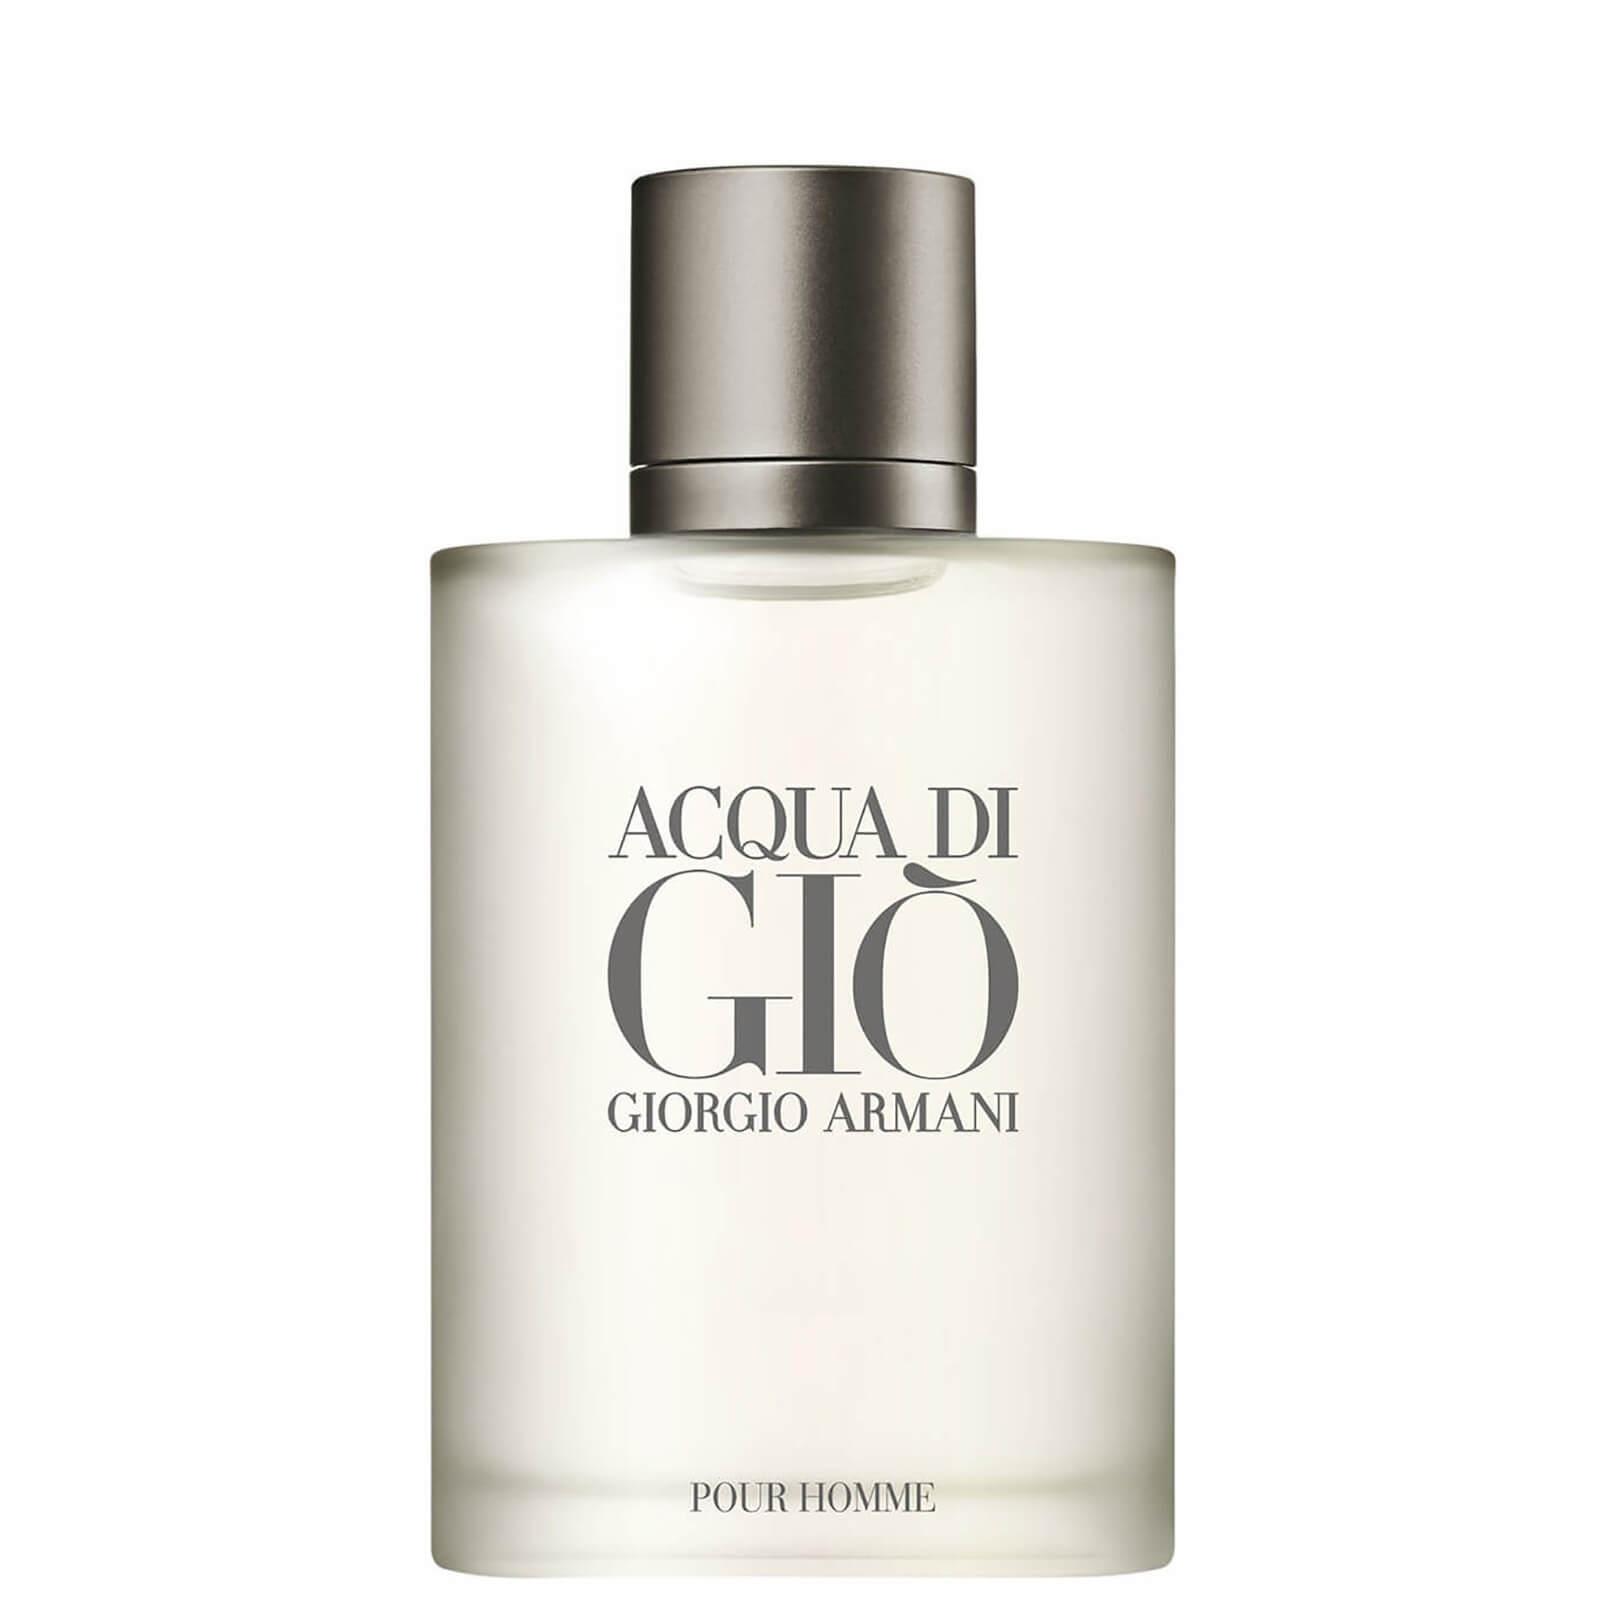 Image of Armani Acqua Di Gio Homme Eau de Toilette (Various Sizes) - 100ml